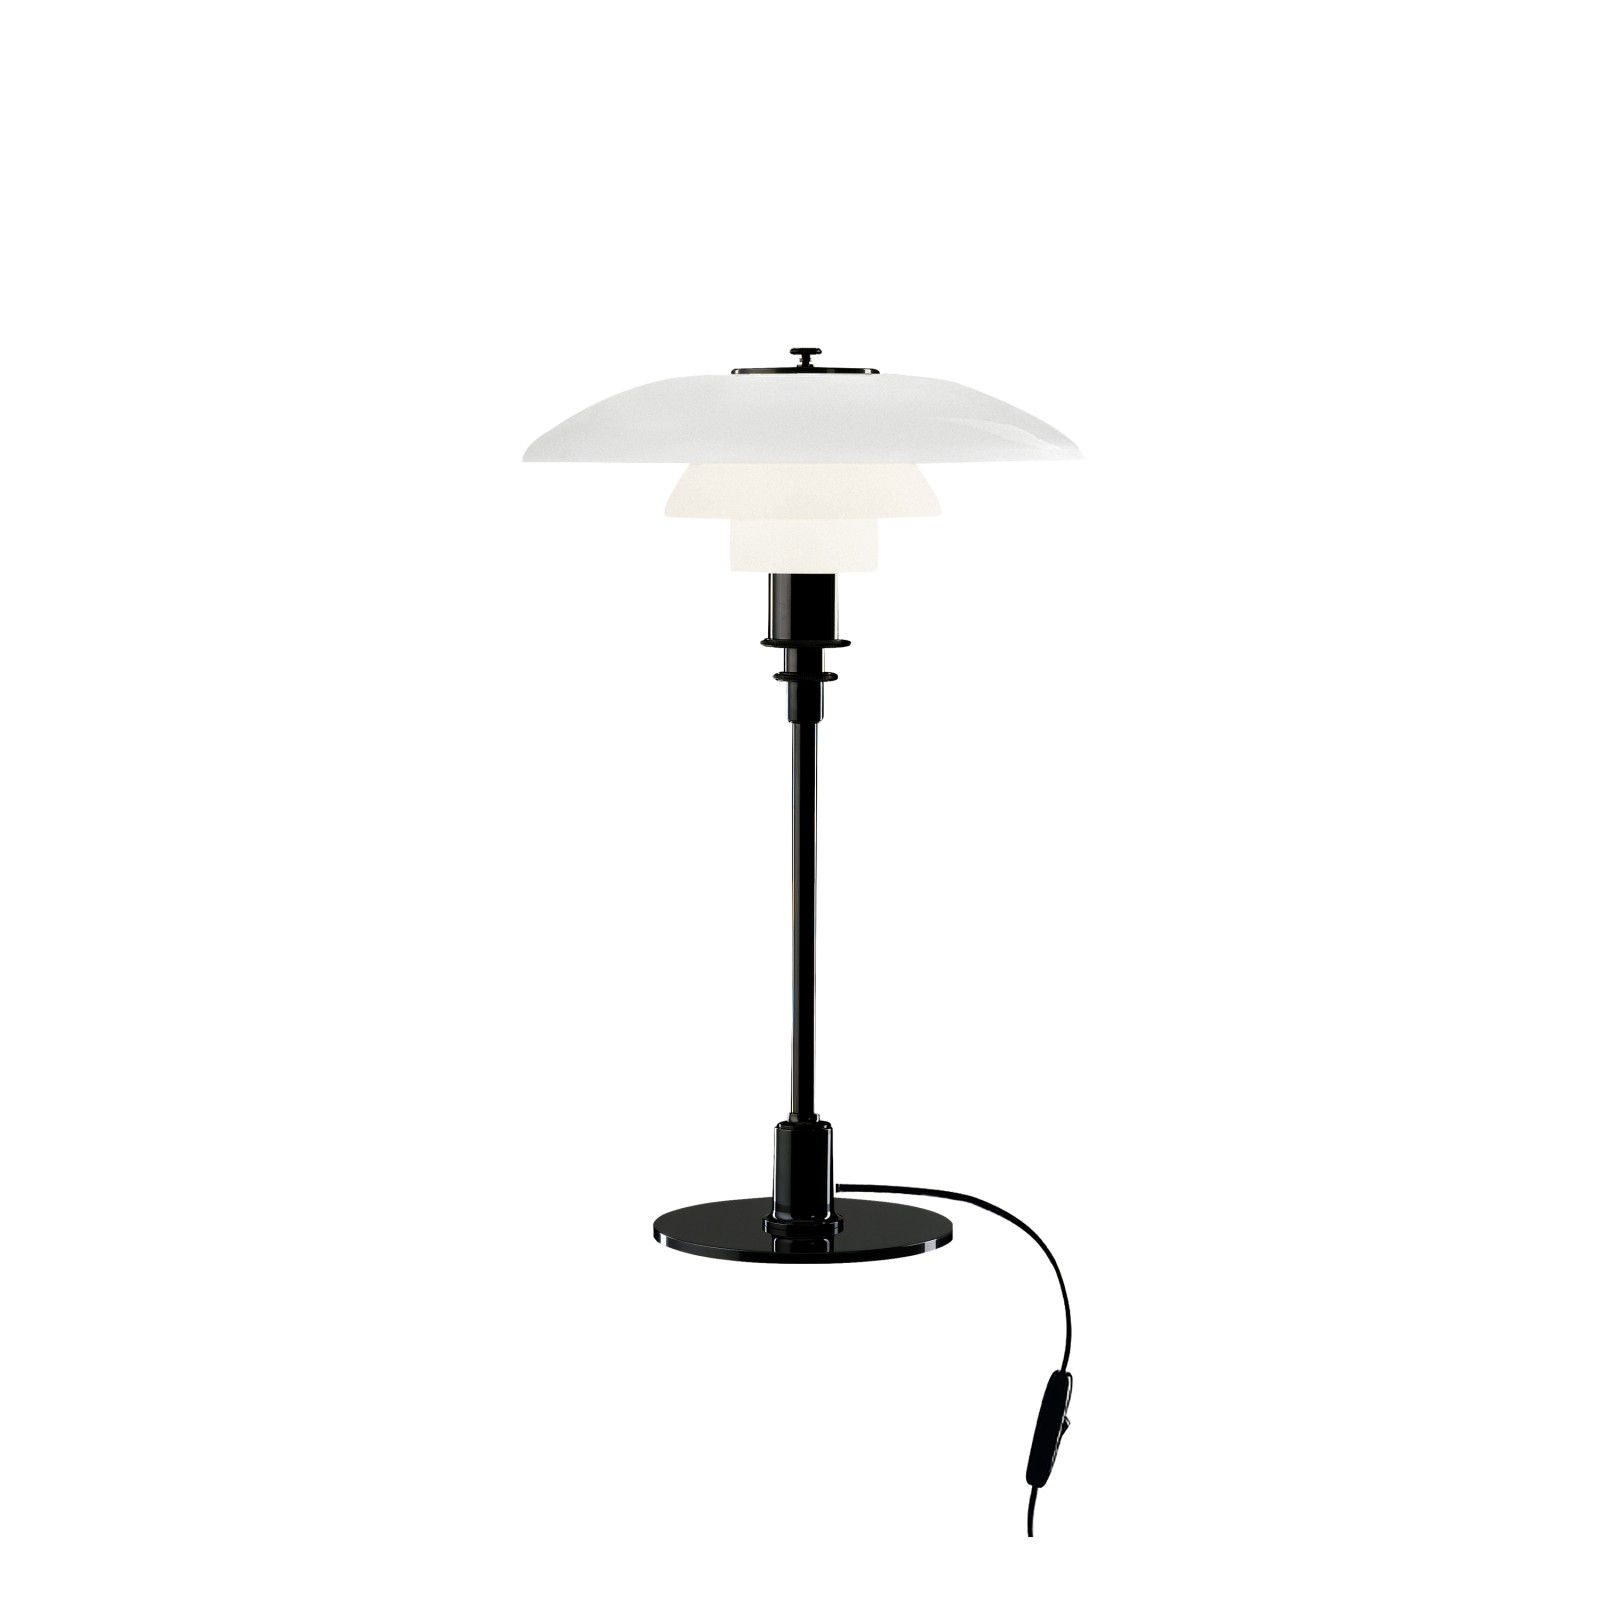 PH 3/2 Table Lamp UK Plug, Black Metallised